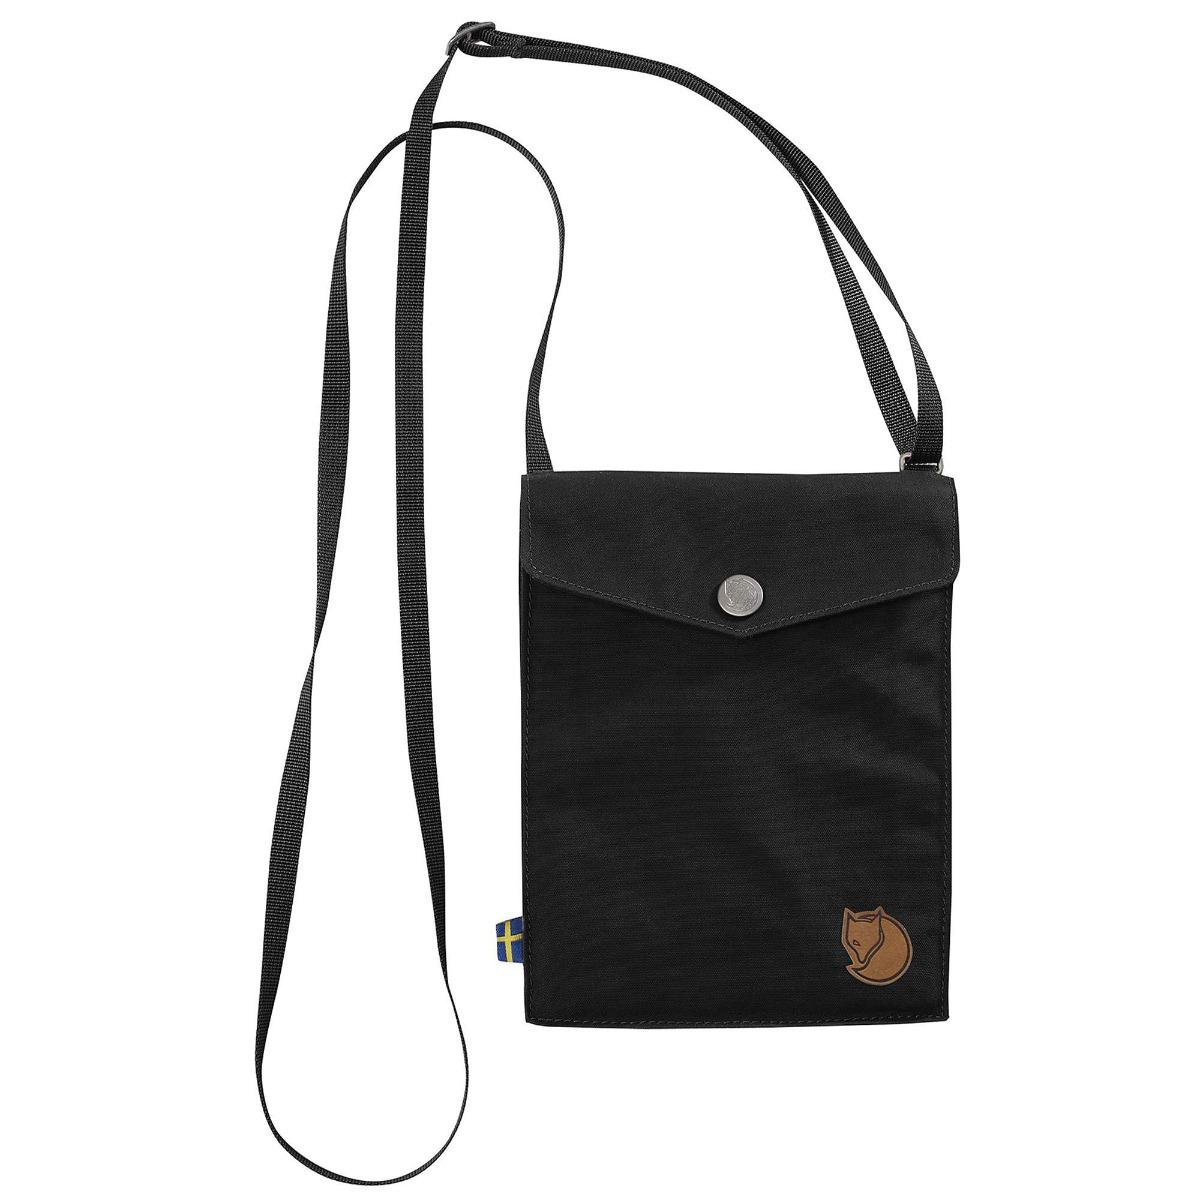 Designtorget Fjällräven Pocket Black